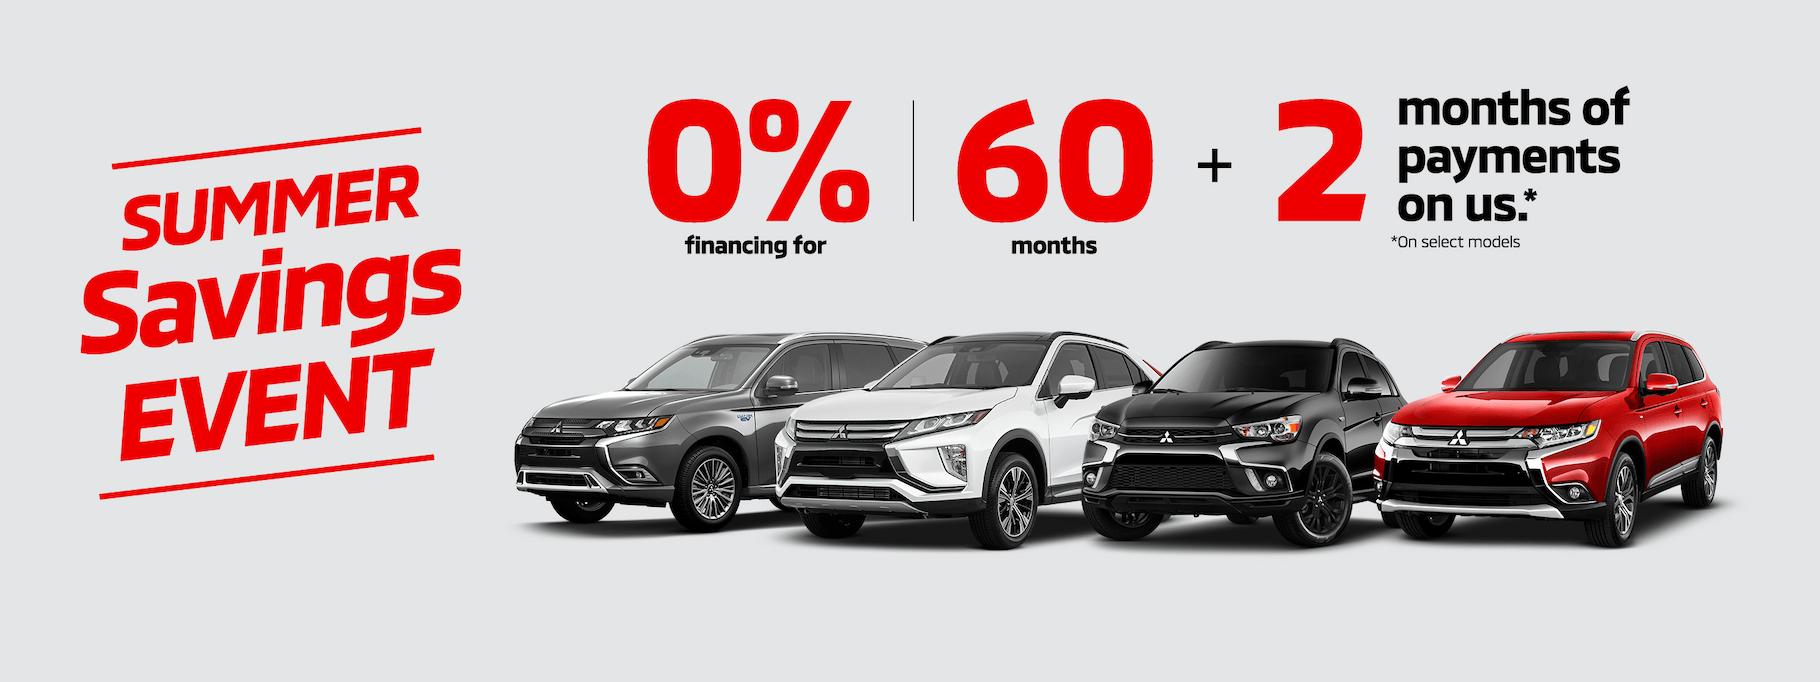 Mitsubishi Sales Event July 2019